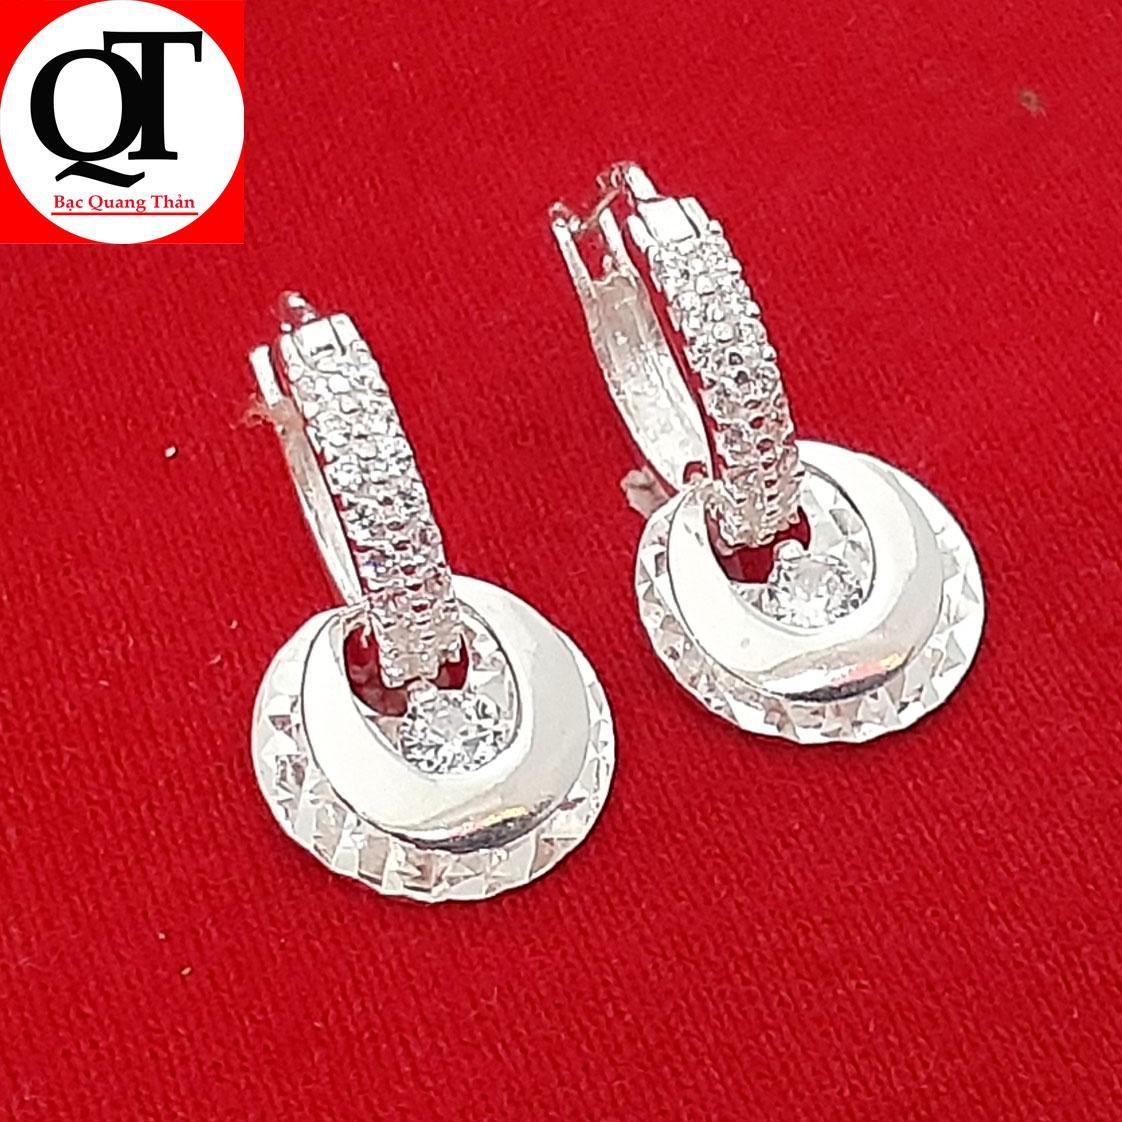 Bông tai nữ Bạc Quang Thản, khuyên tai nữ dáng dài 100% chất liệu bạc thật phay sáng bóng , khóa đeo chắc chắn , phong cách thời trang dễ kết hợp trang phục thích hợp đeo tại các buổi dạ tiệc – QTBT10